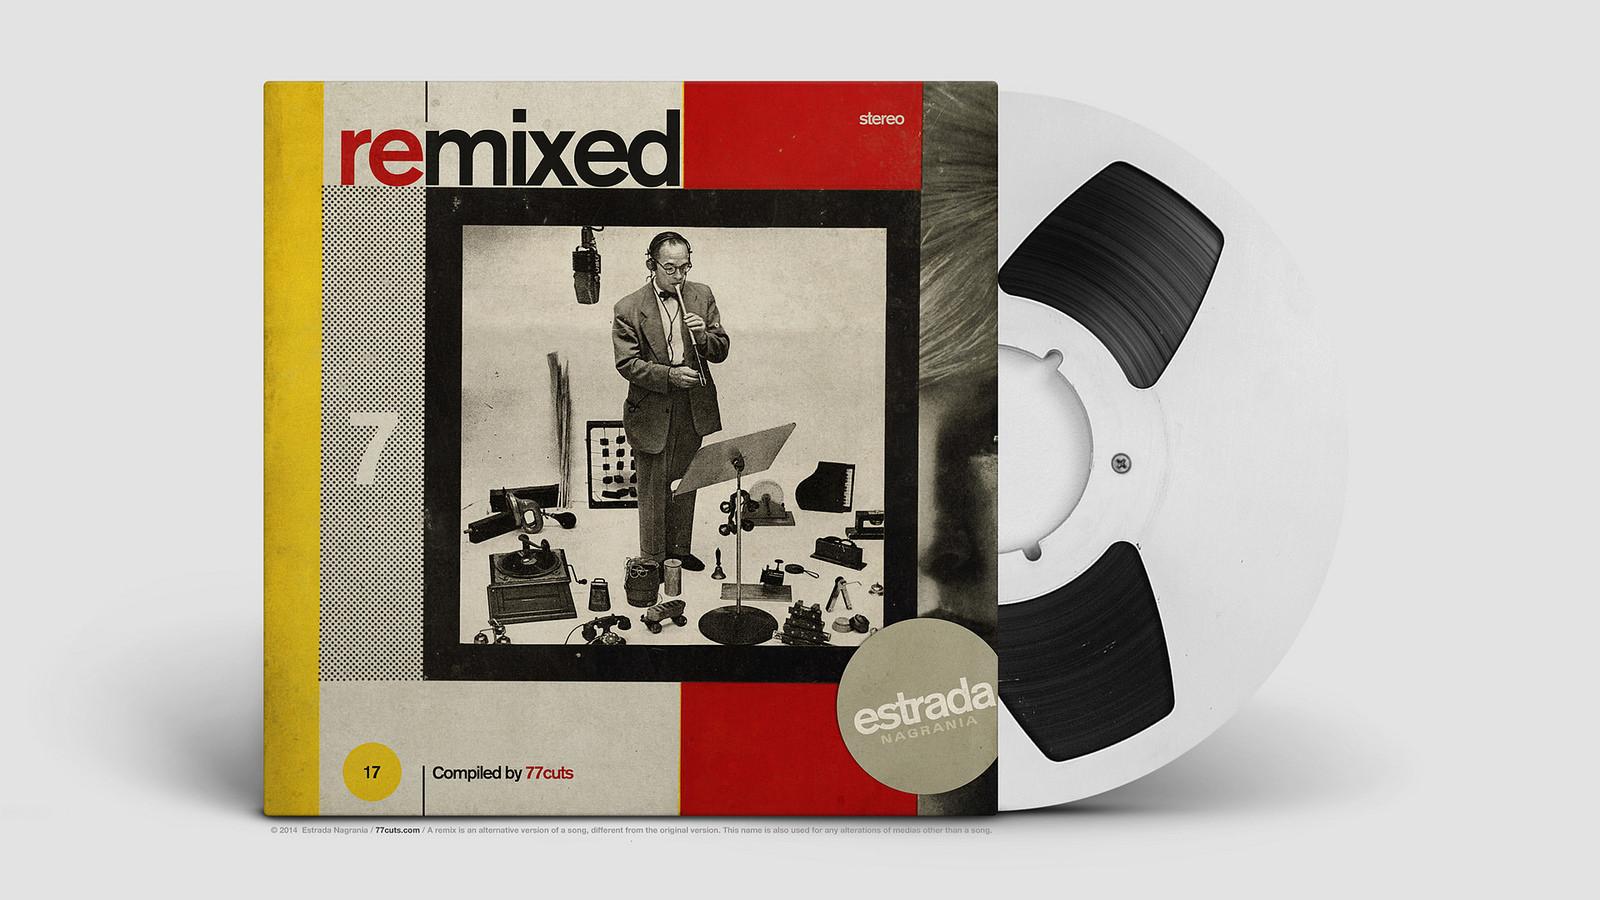 fonoteka 7 remixed